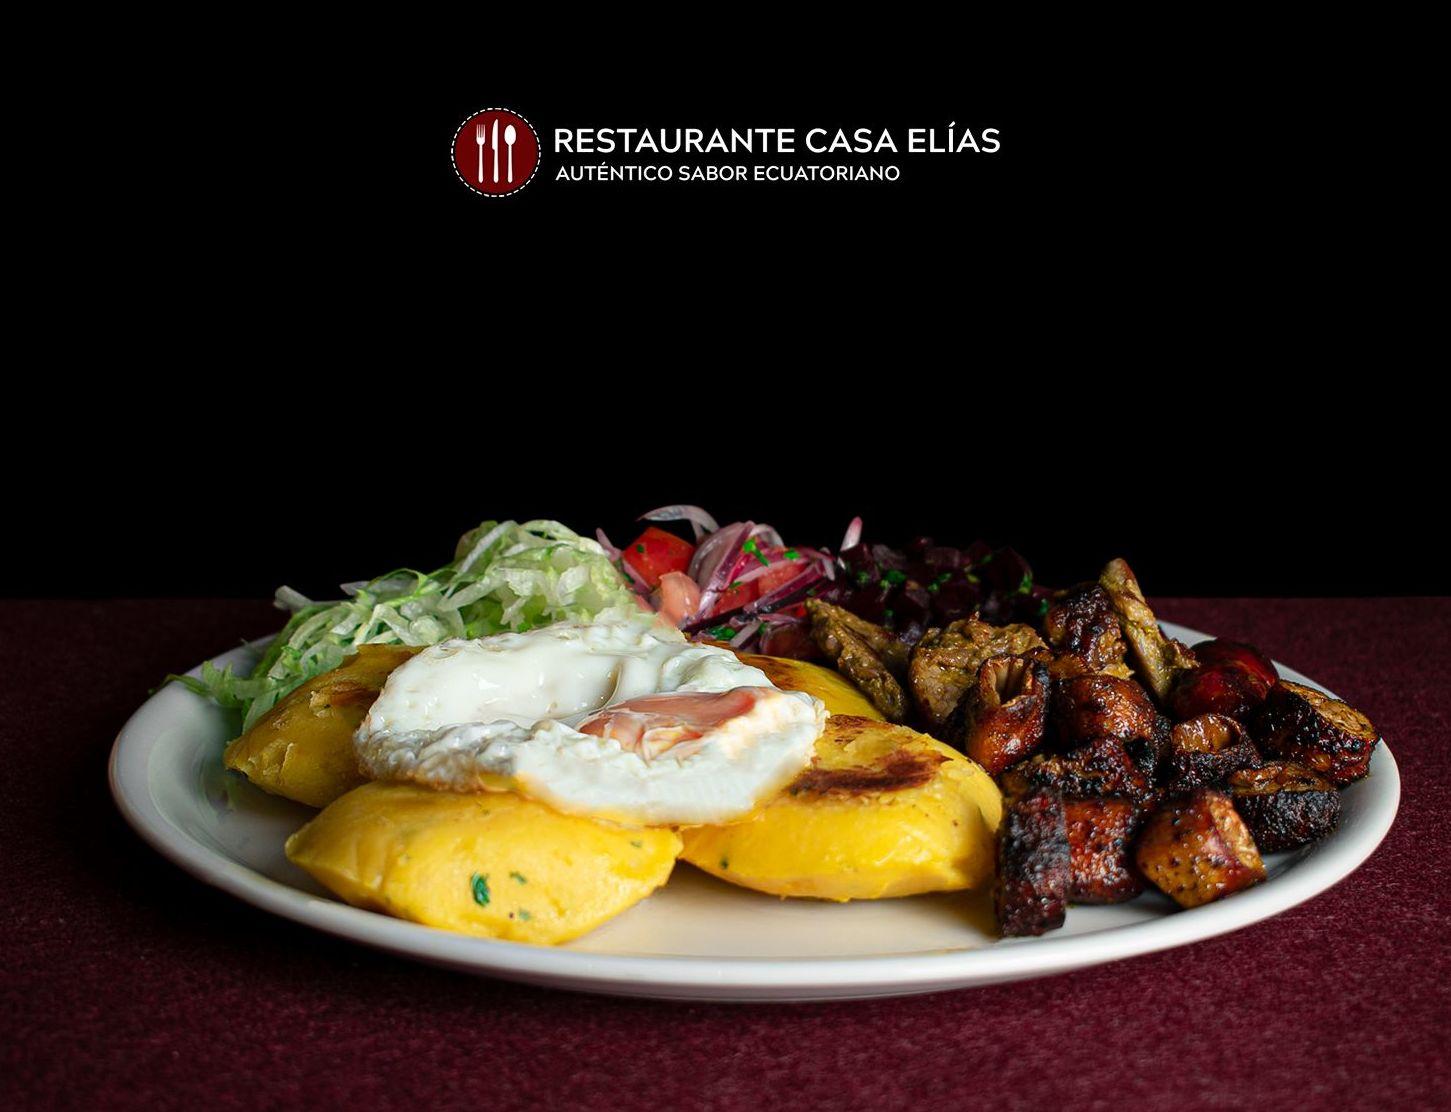 Yapingacho Completo : Carta de Restaurante Casa Elías